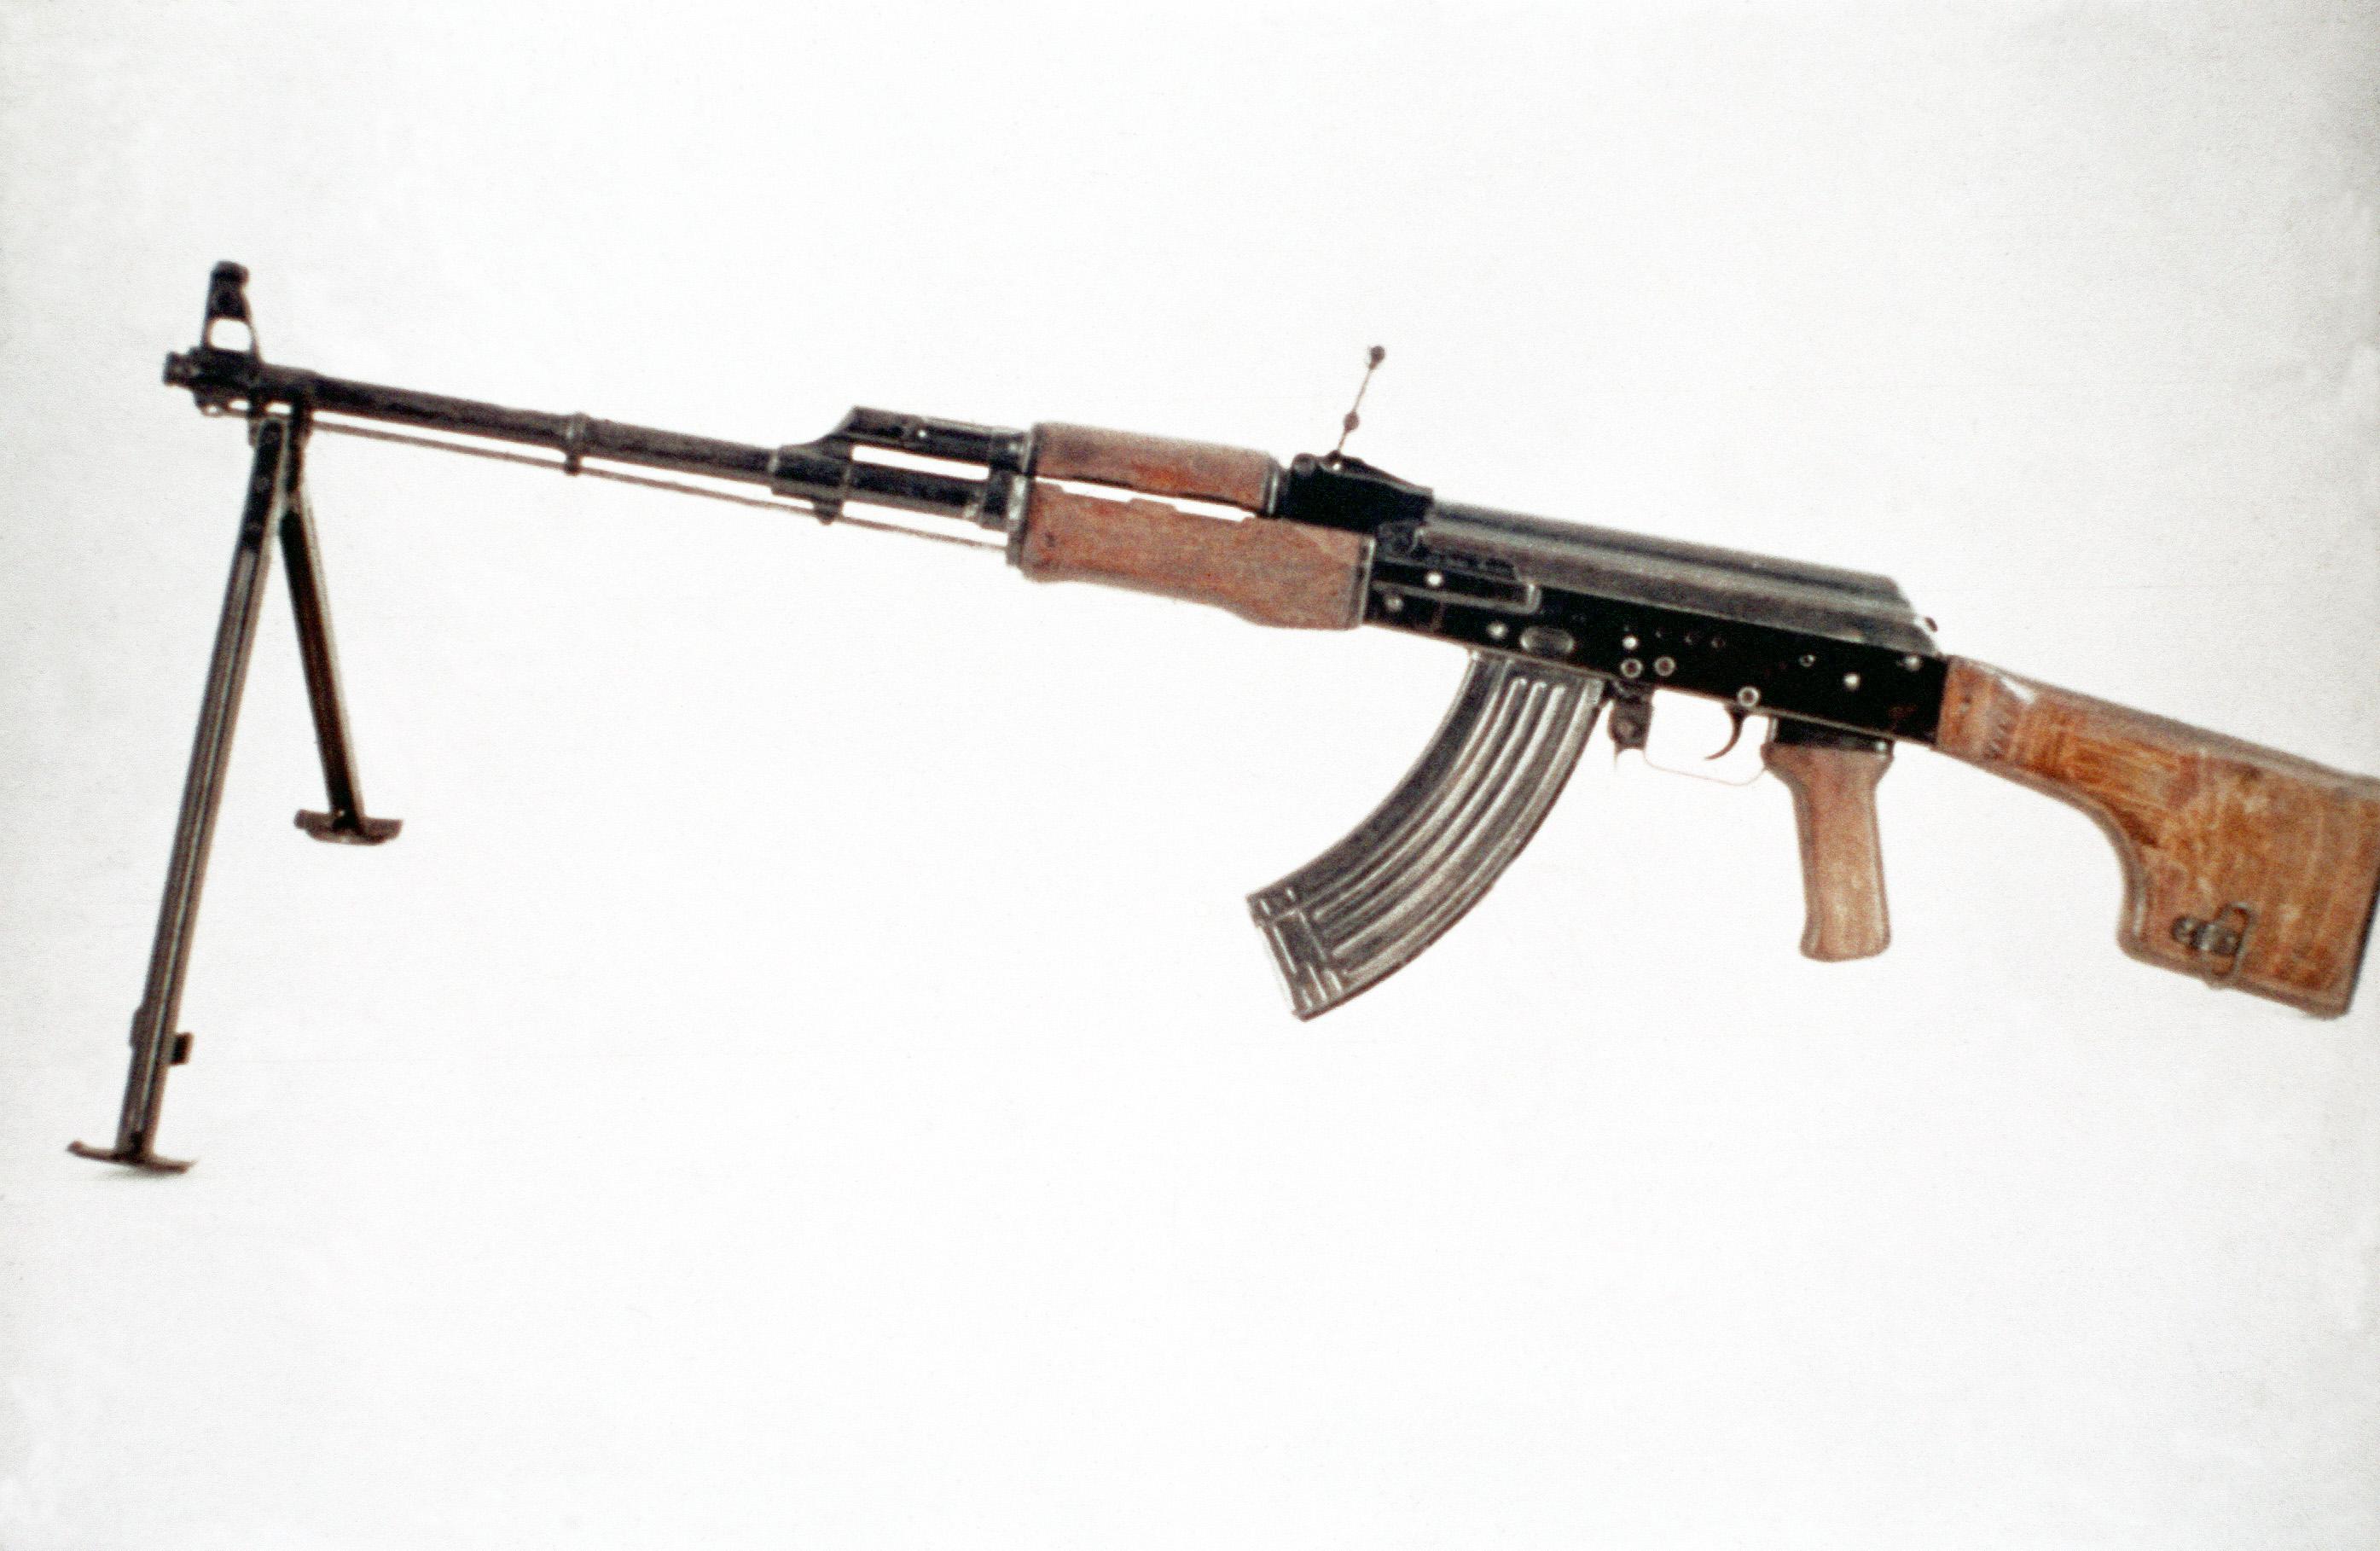 اكبر و اوثق موسوعة للجيش العراقي على الانترنت Soviet_RPK